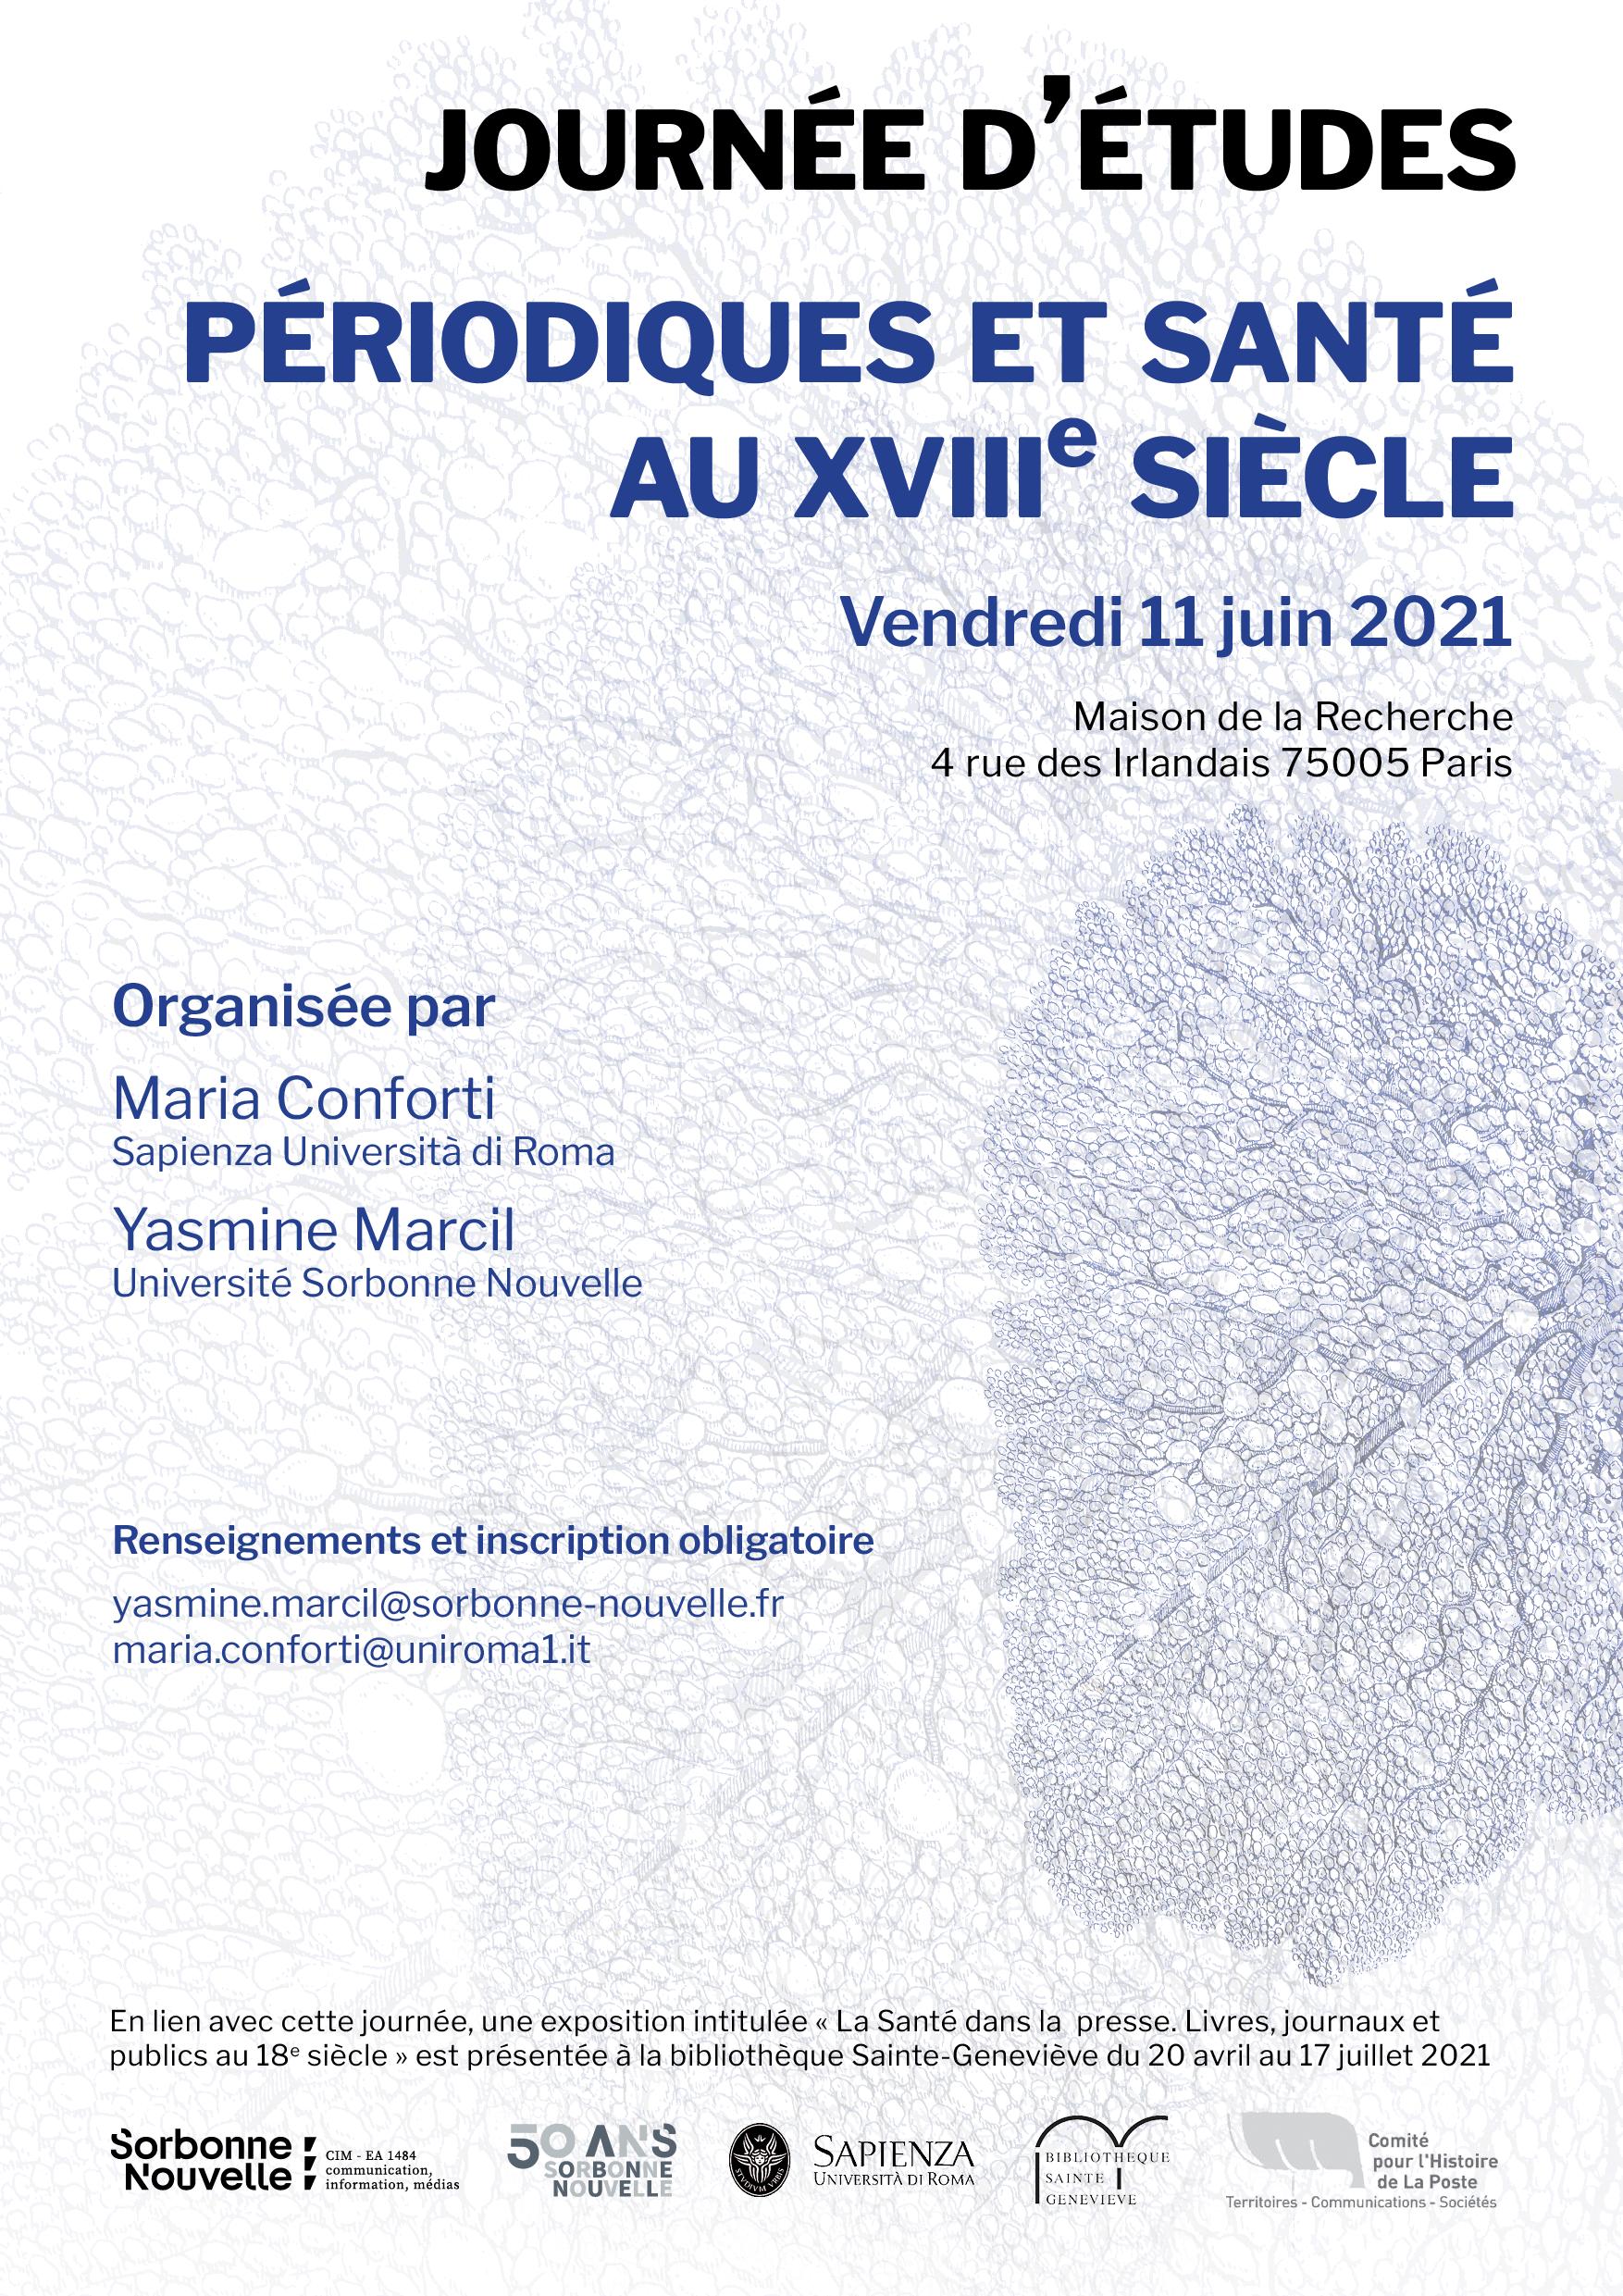 AfficheJE_PériodiquesSanté_2021.png